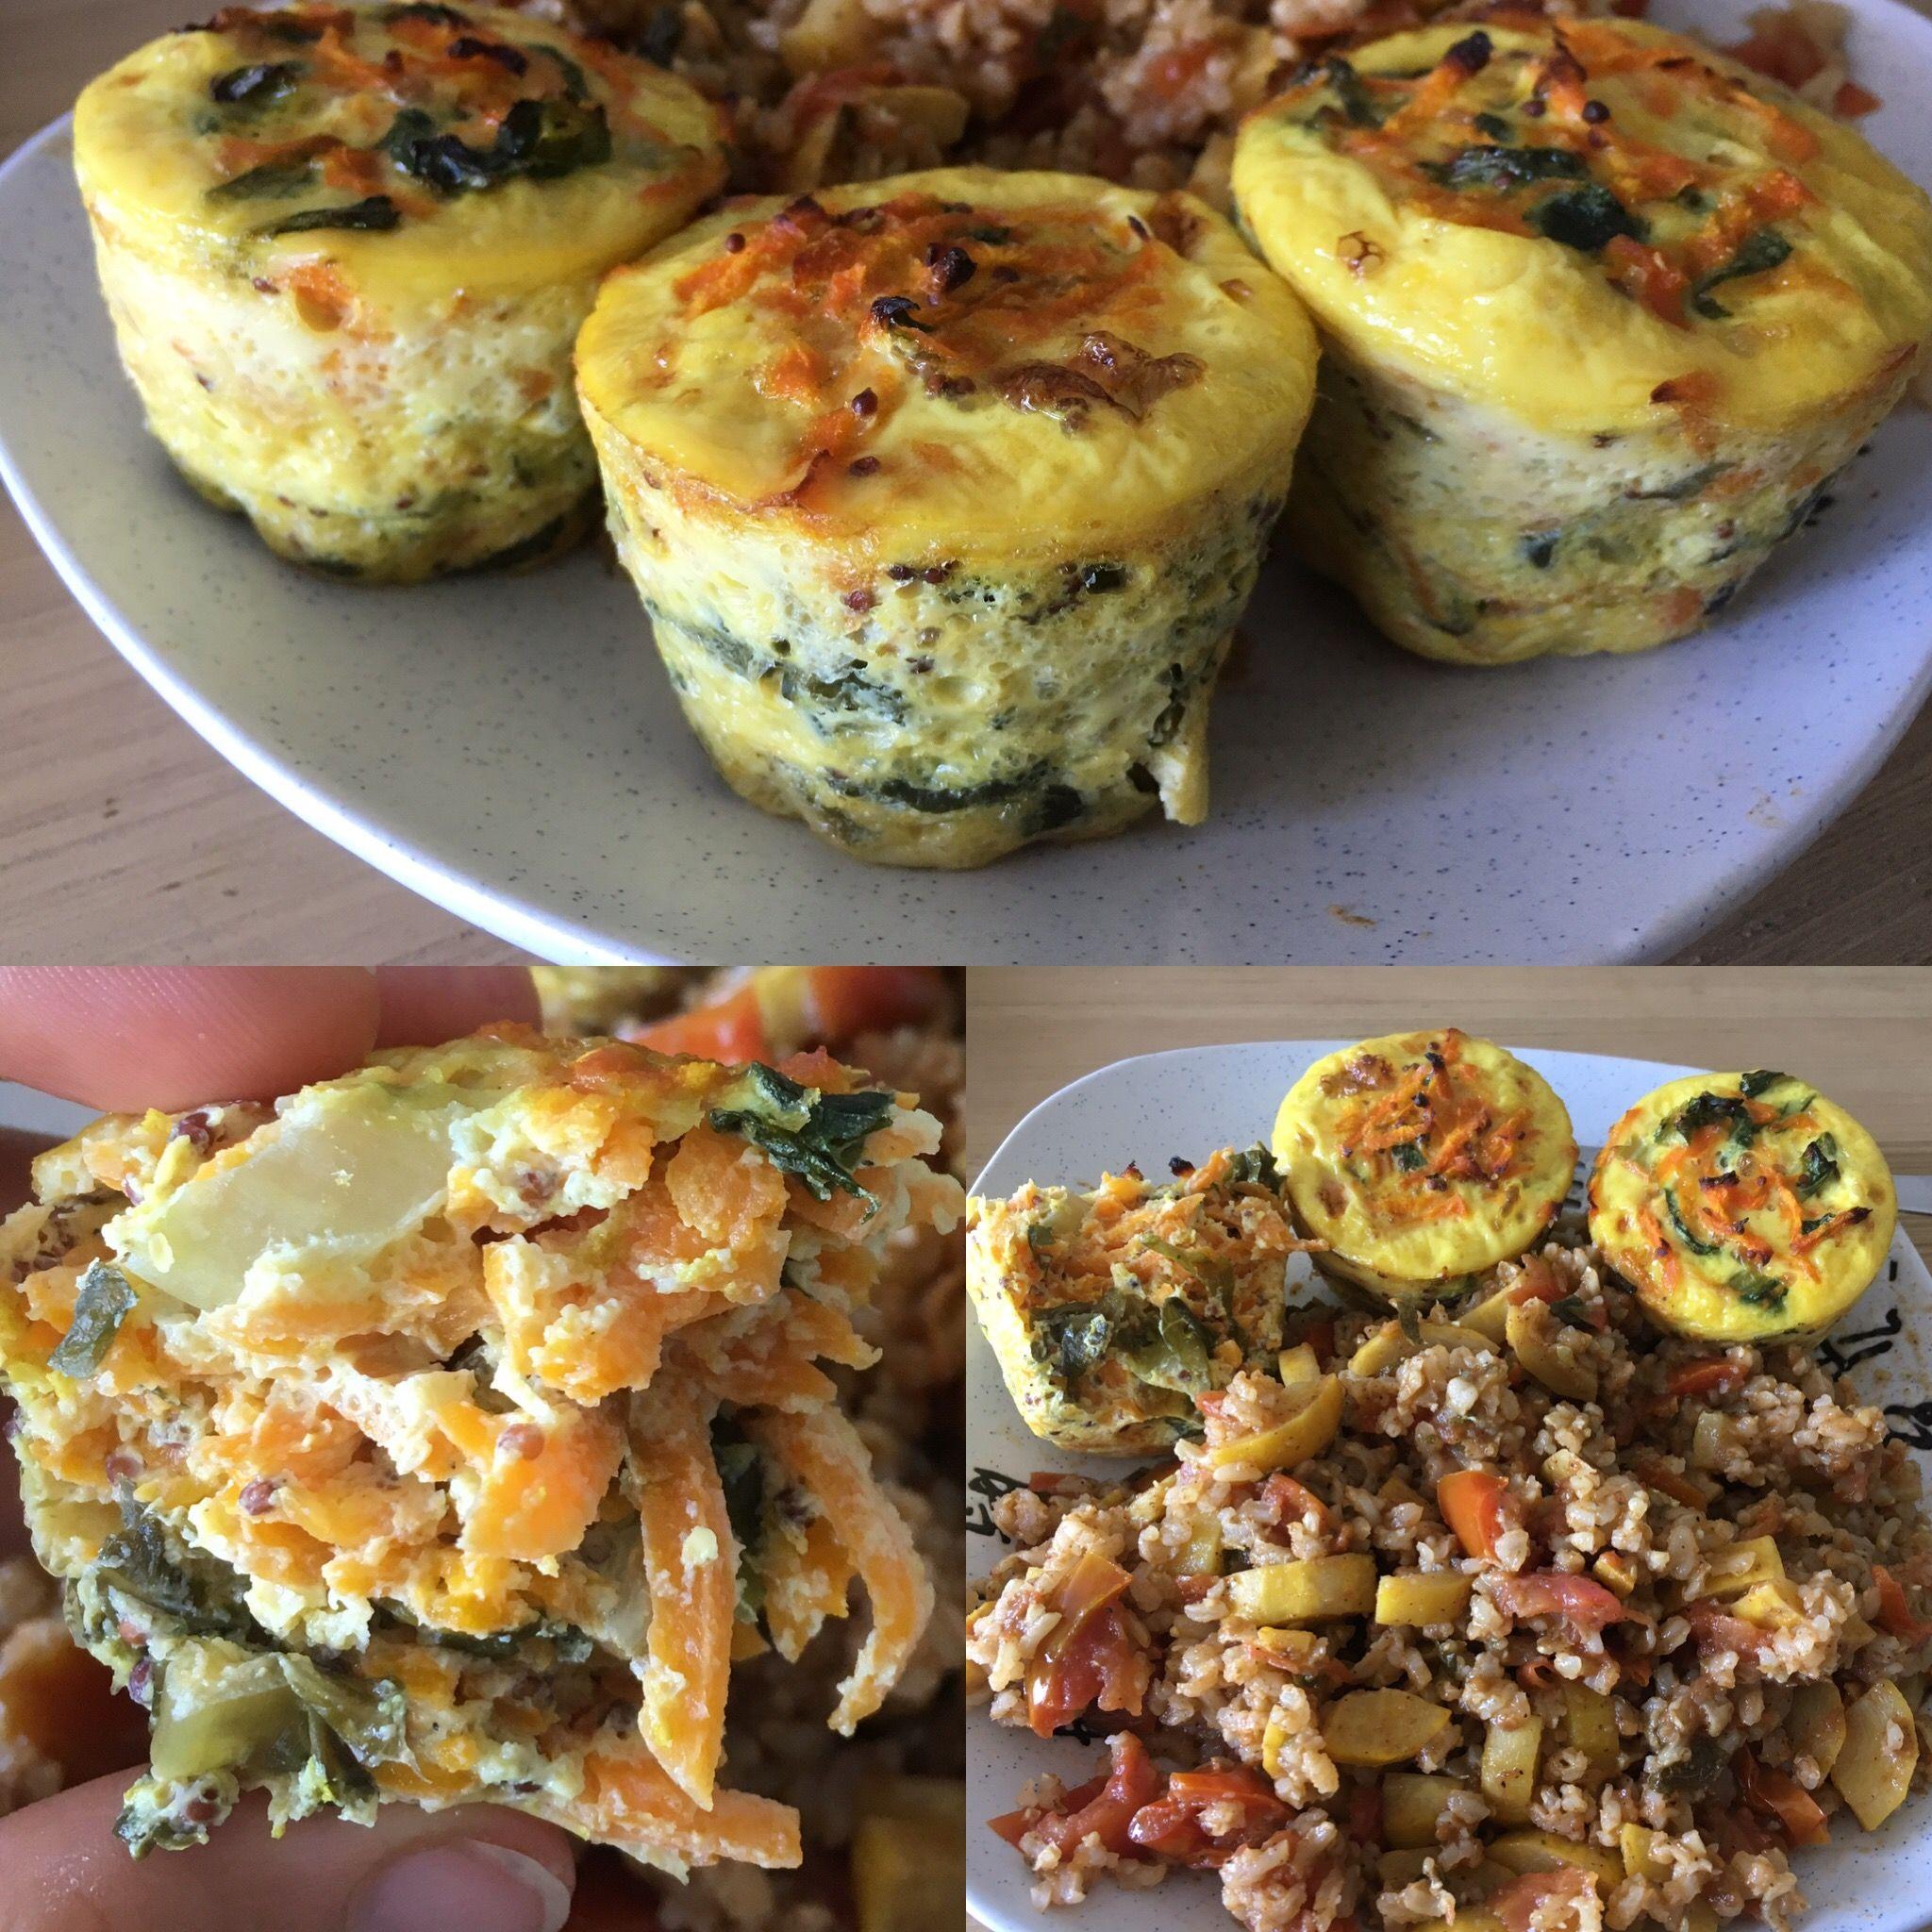 👩🍳🥕🥗  Flans végétariens aux légumes RECETTE : - Cuire légumes en julienne (ici carottes rapées + laitue) - Mélanger aux oeufs - Faire cuire 20 minutes à 350 au four